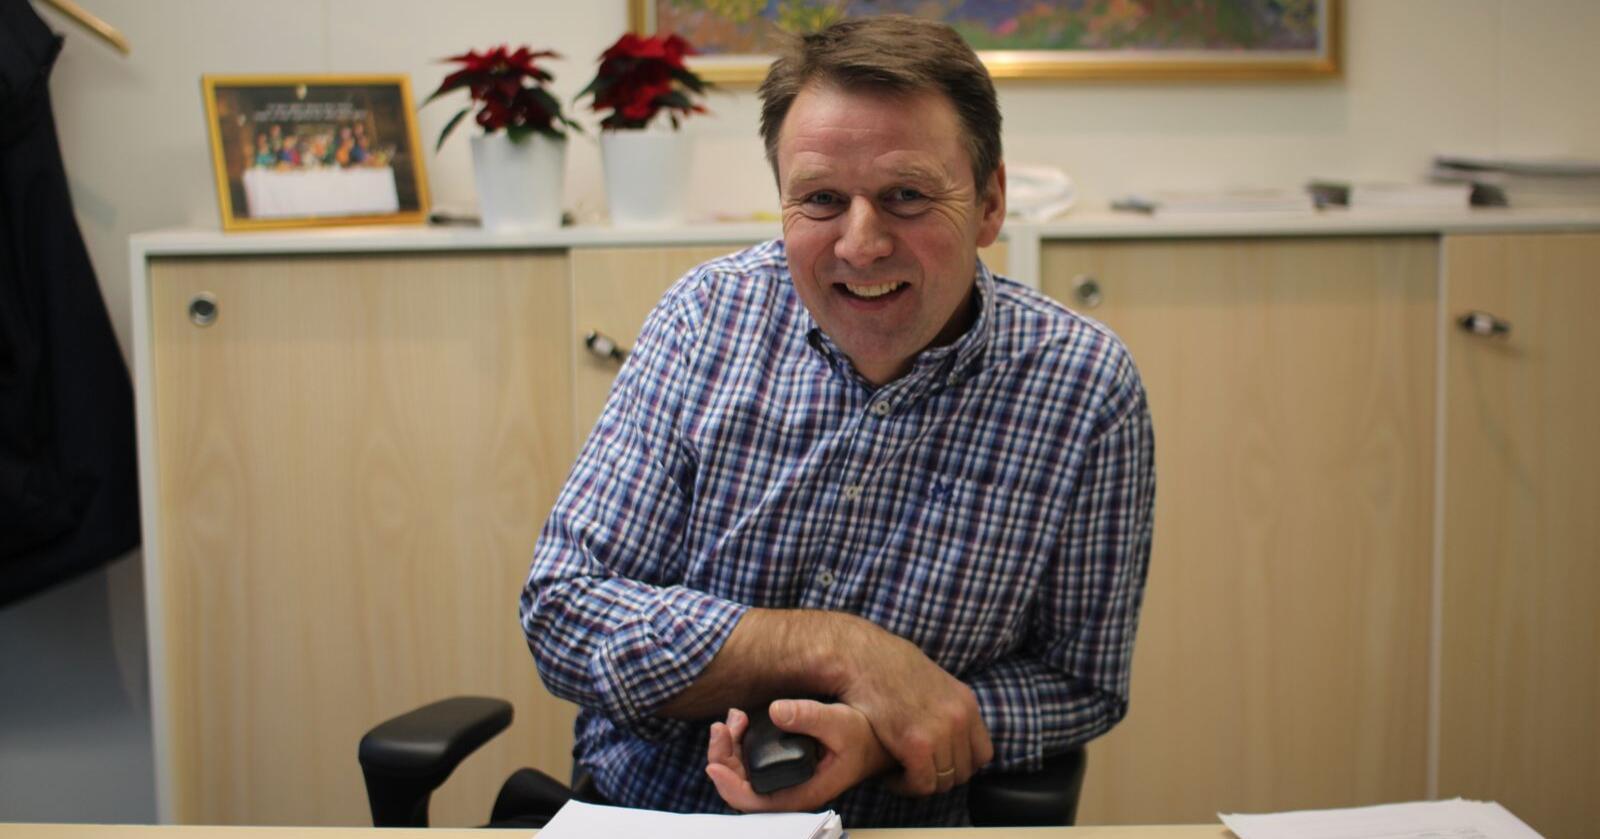 Sannheten er at vi bruker store ressurser for svinenæringa, skriver Lars Petter Bartnes. (Foto: Guro Bjørnstad)